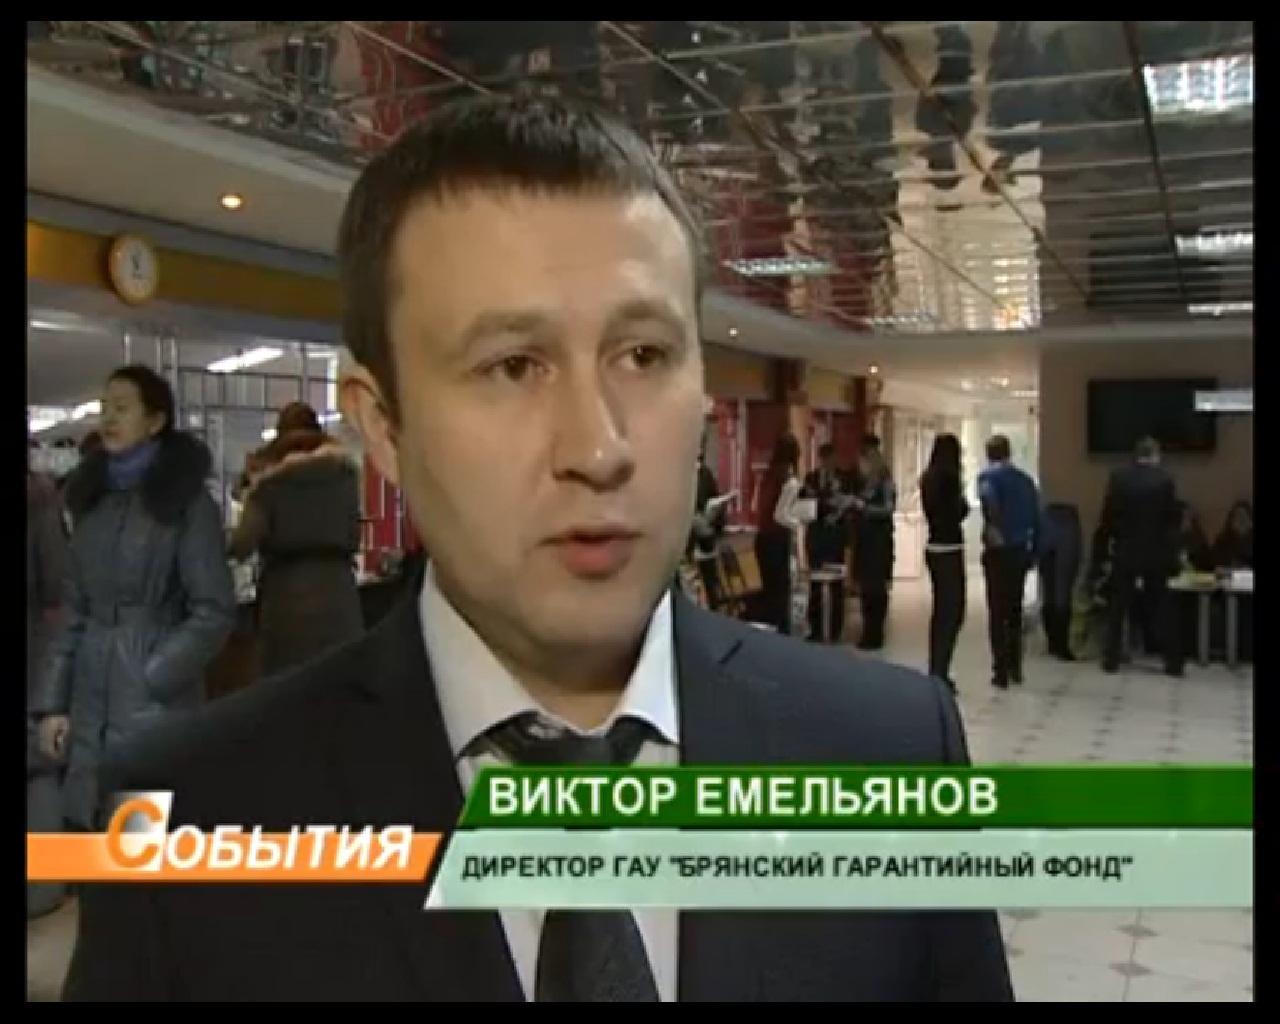 Областная конференция предпринимателей Брянской области